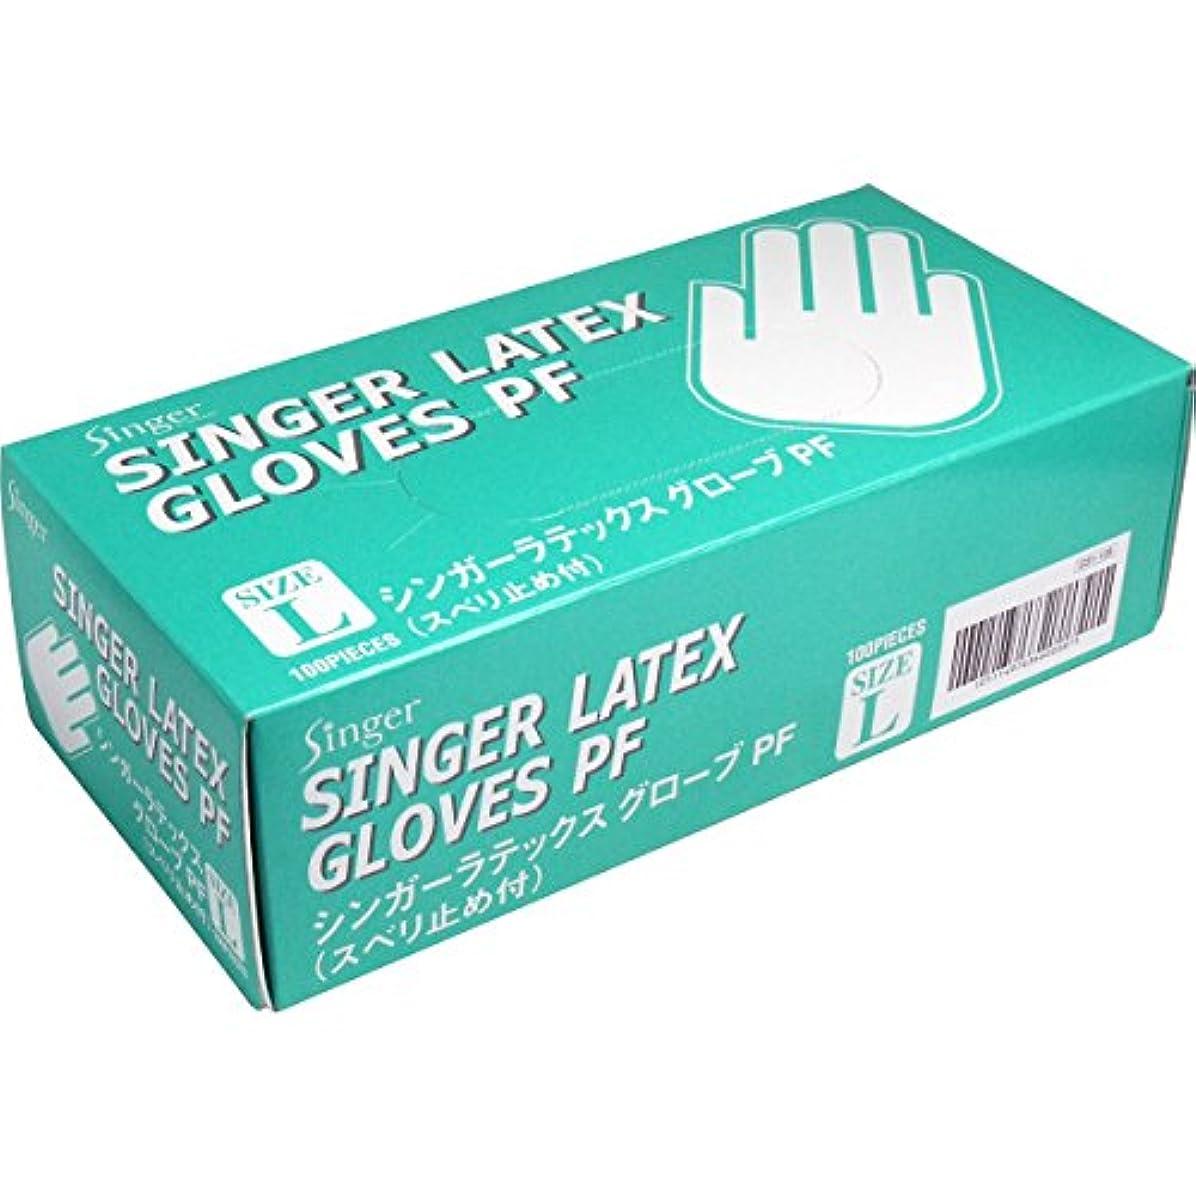 適格見捨てられたでパウダーフリー手袋 素手感覚で使える 使いやすい シンガーラテックスグローブ パウダーフリー スベリ止め付 Lサイズ 100枚入